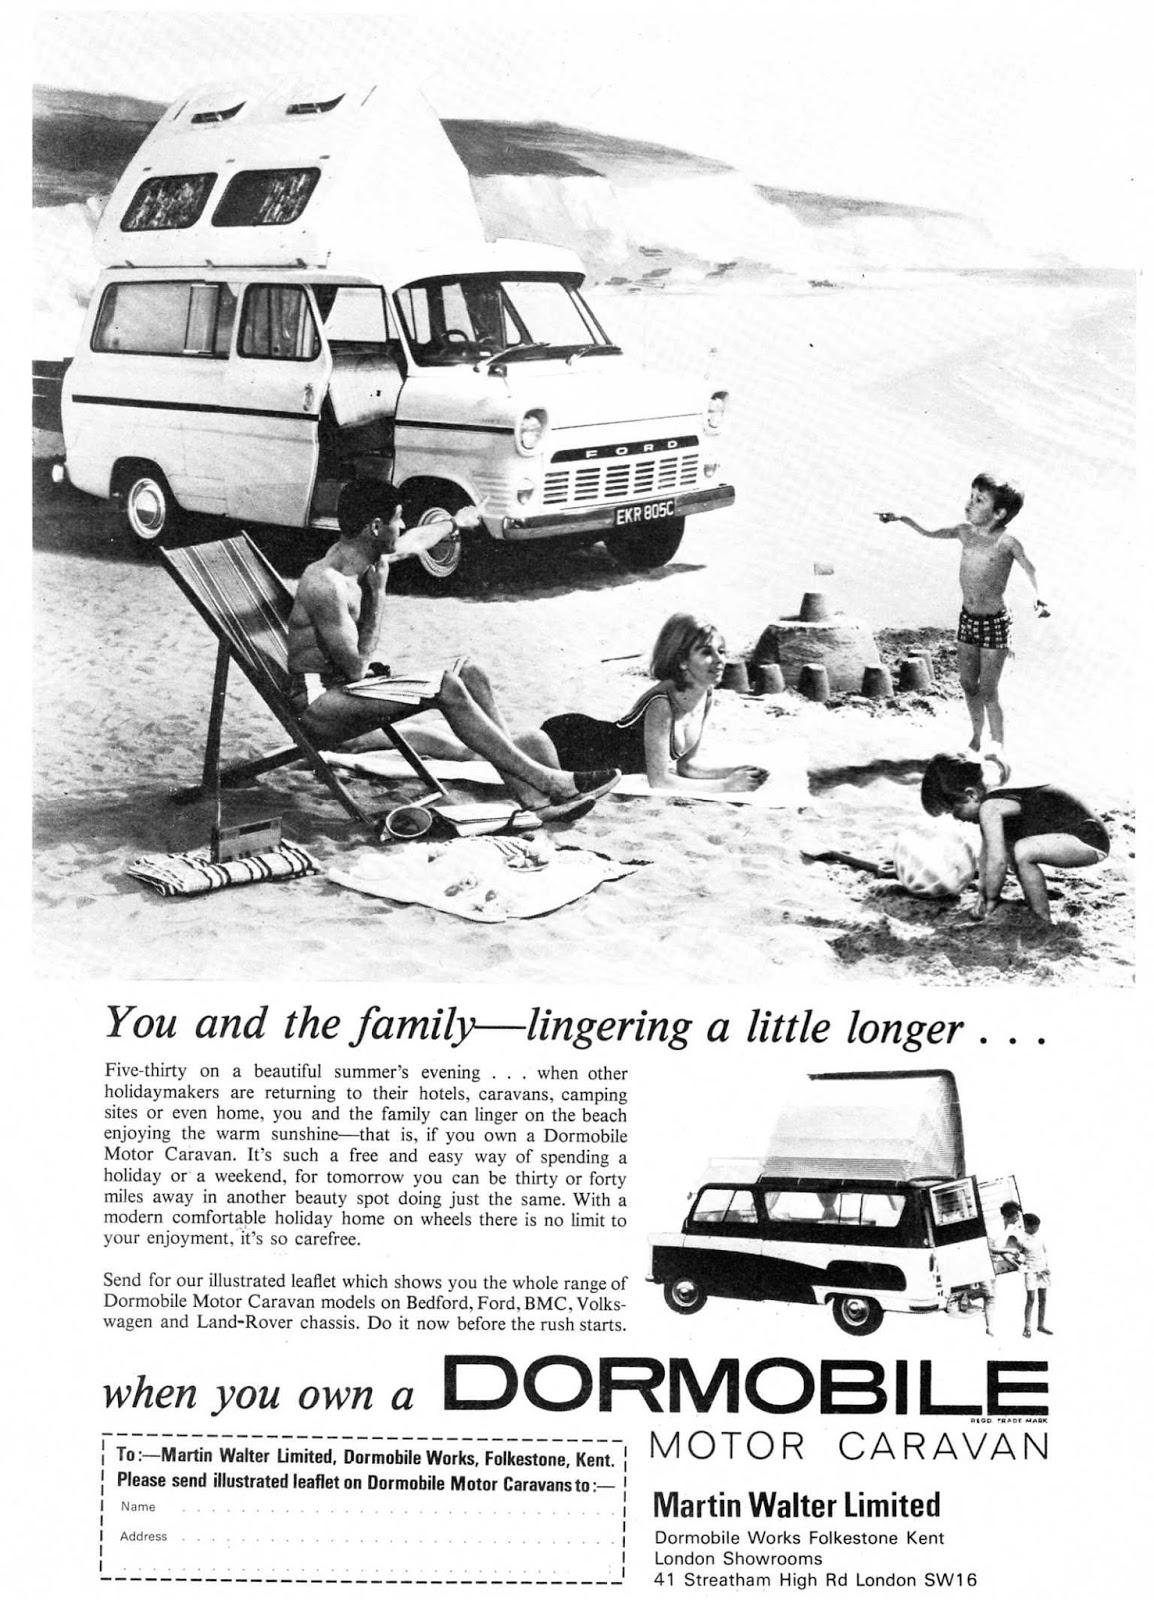 Dormobile Advertising The Brand